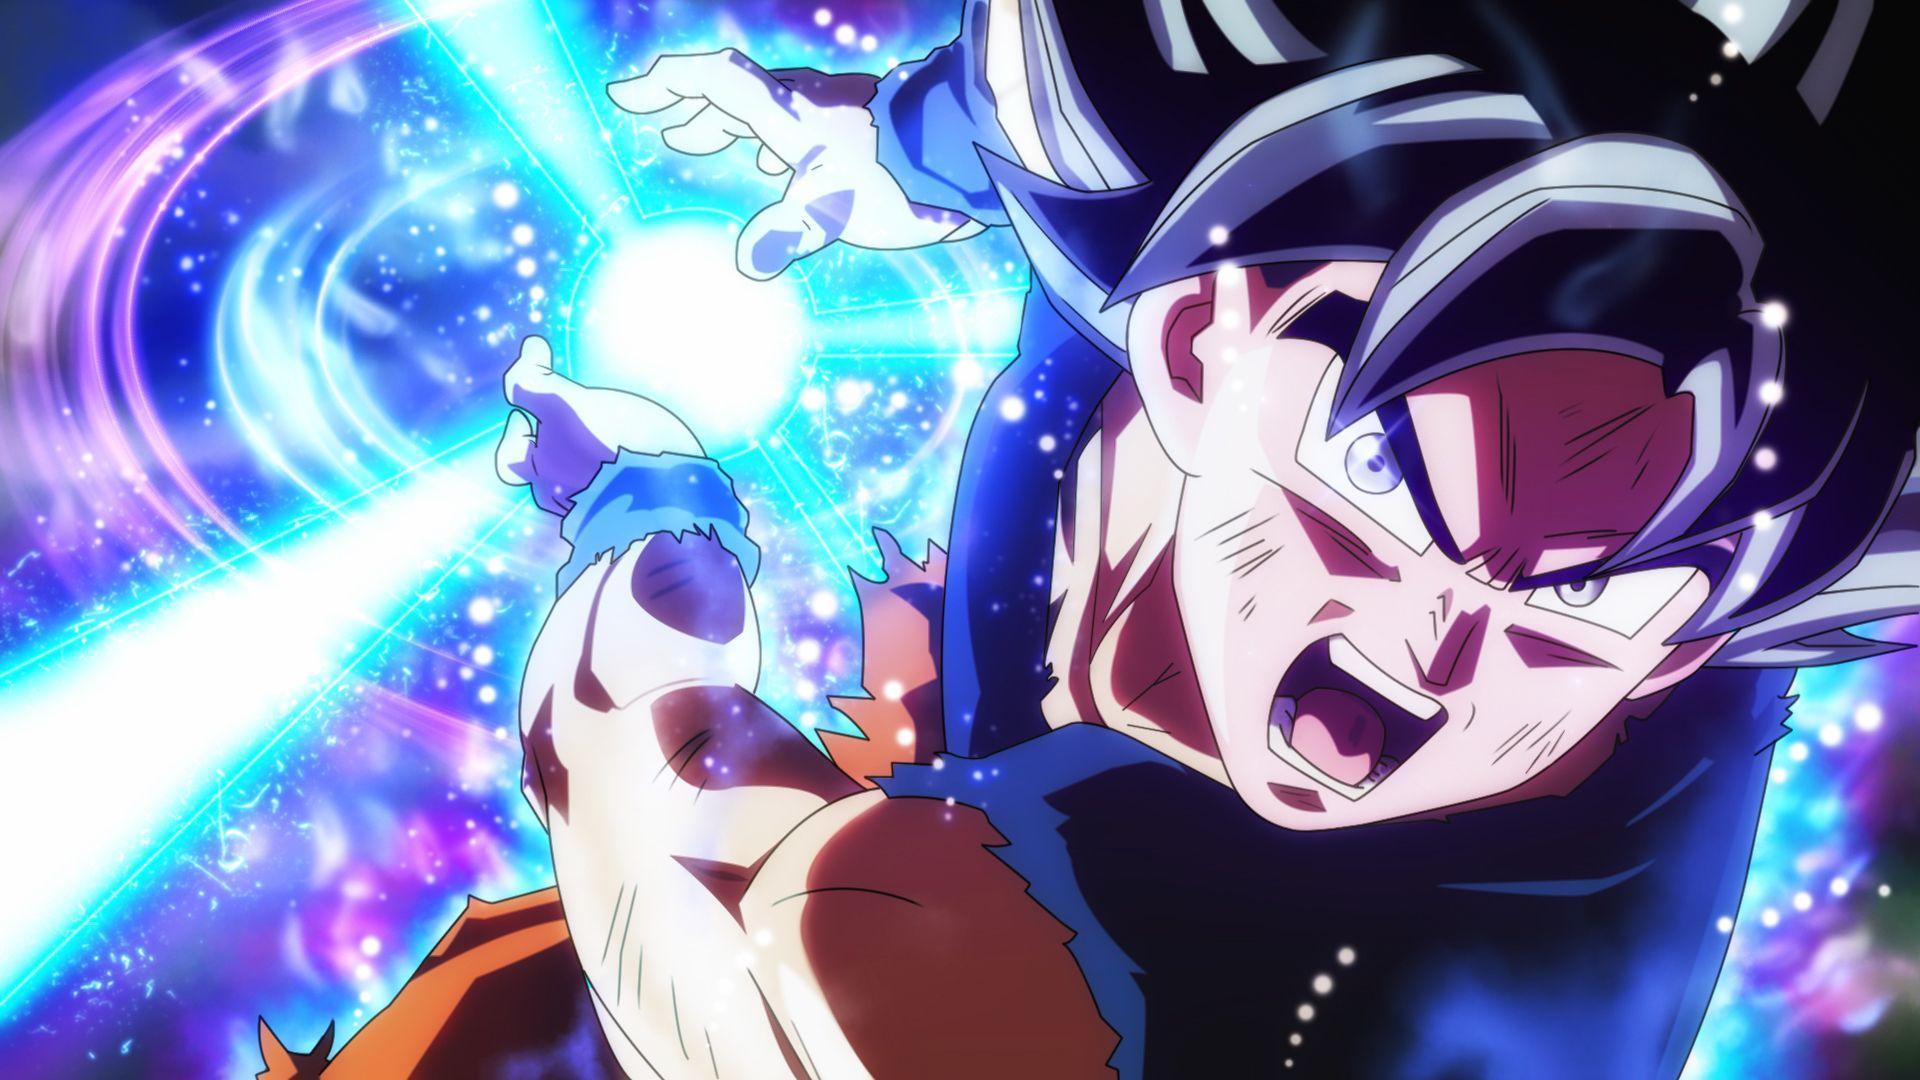 Ui Goku Wallpapers Top Free Ui Goku Backgrounds Wallpaperaccess